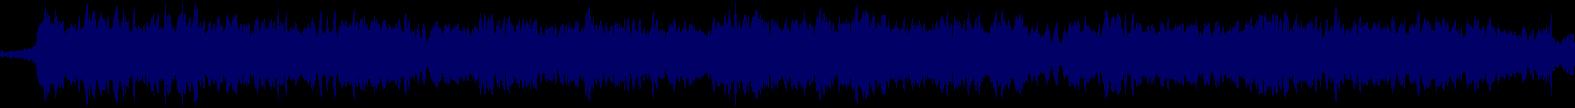 waveform of track #81883